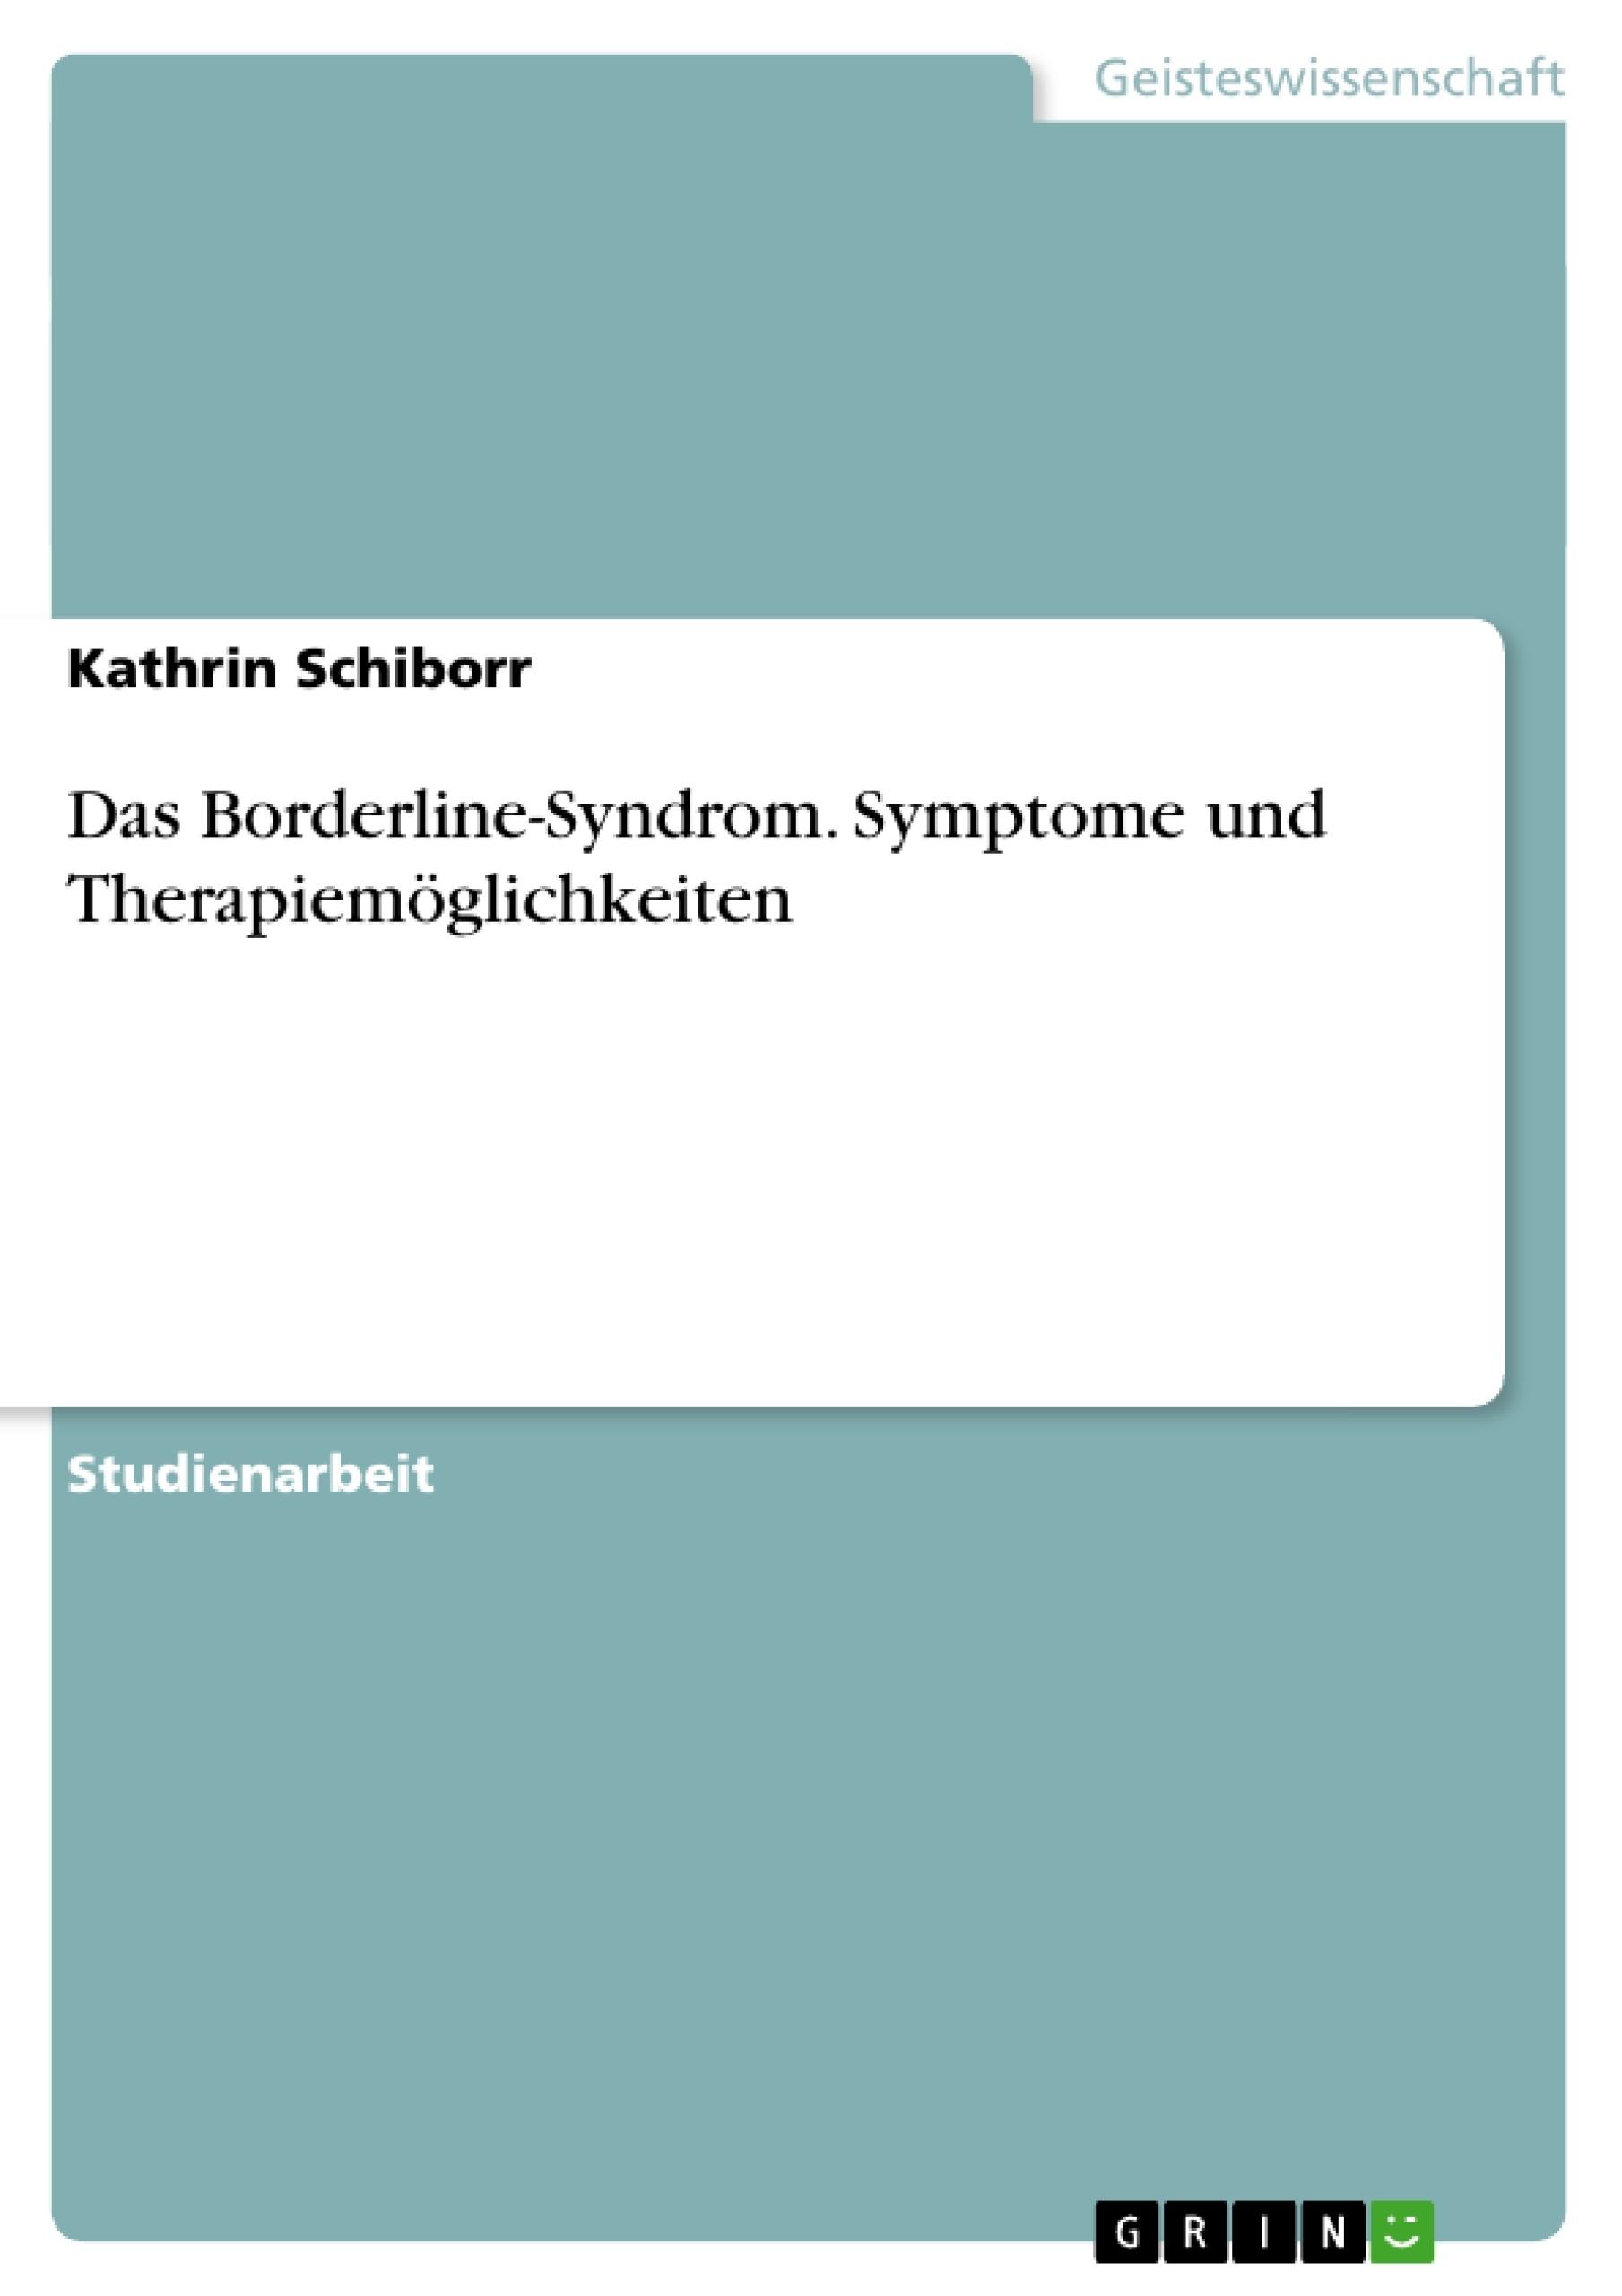 Titel: Das Borderline-Syndrom. Symptome und Therapiemöglichkeiten